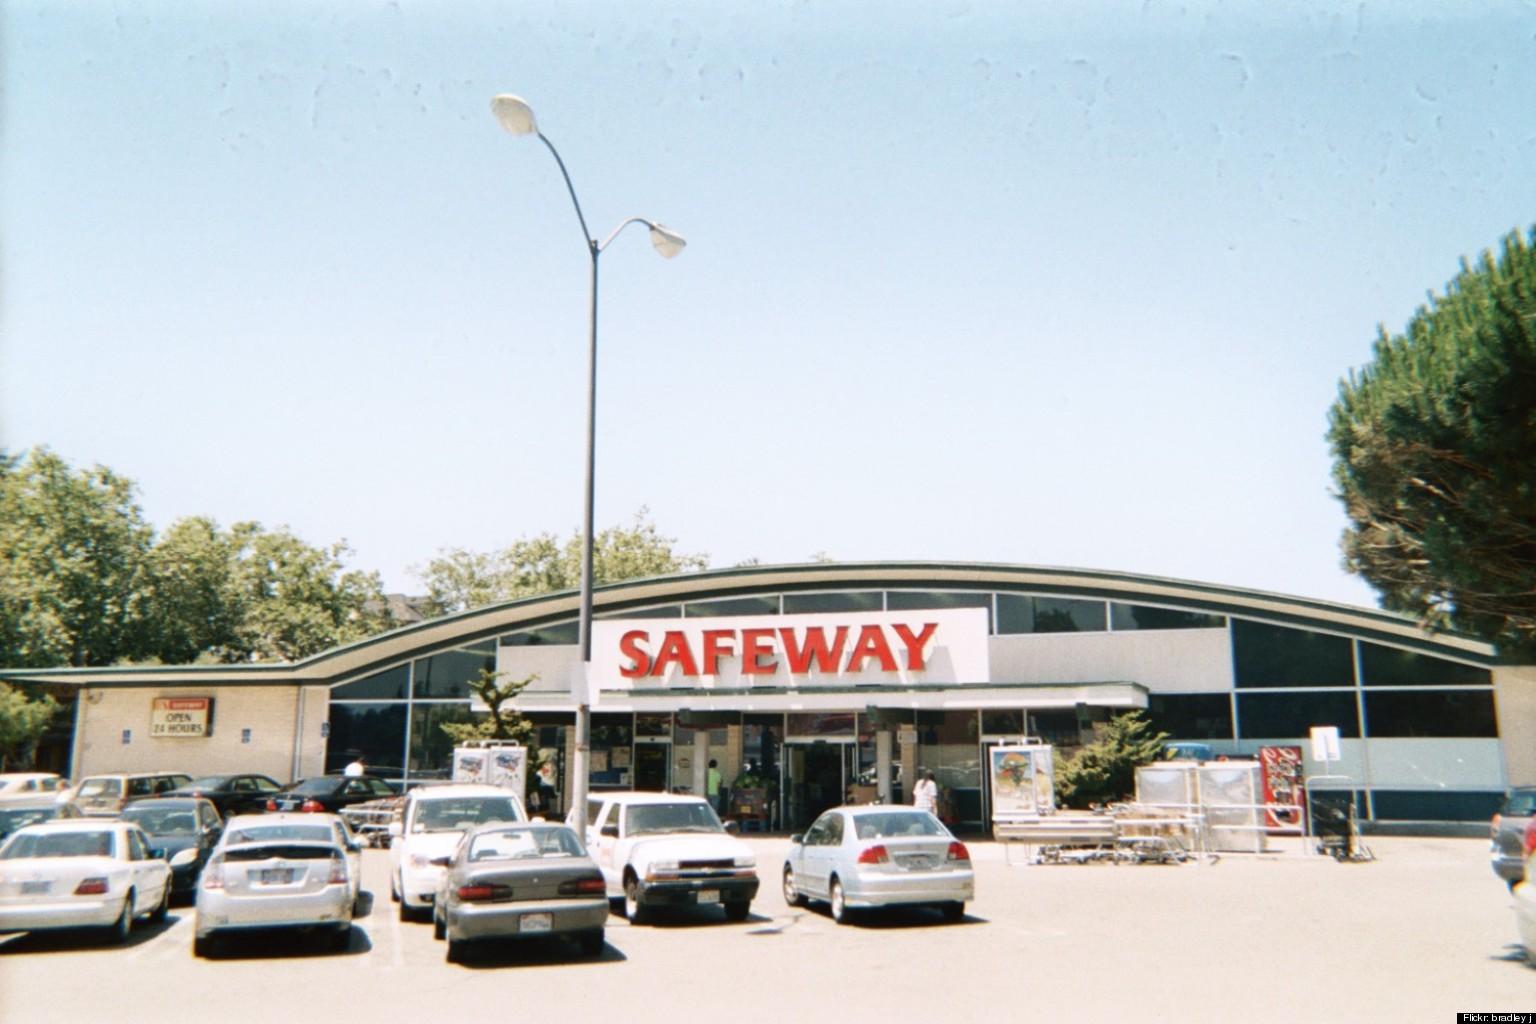 Safeway supermarket